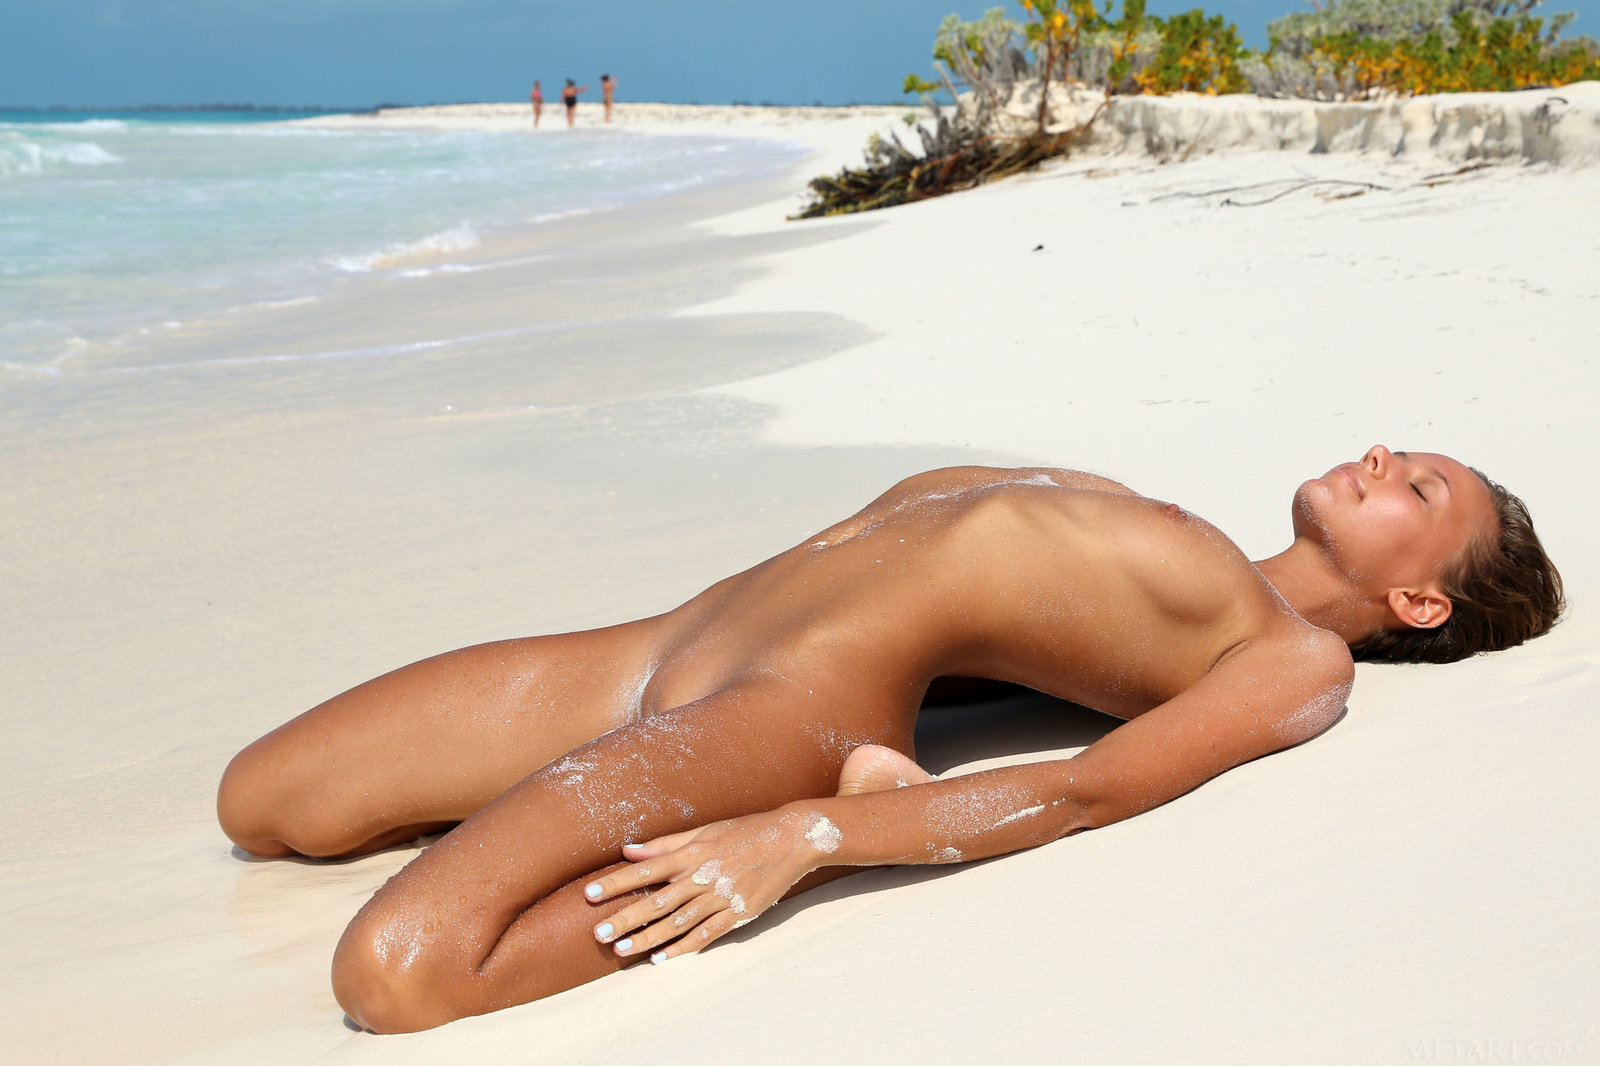 сразу девушка голая загорает этой интернет странице